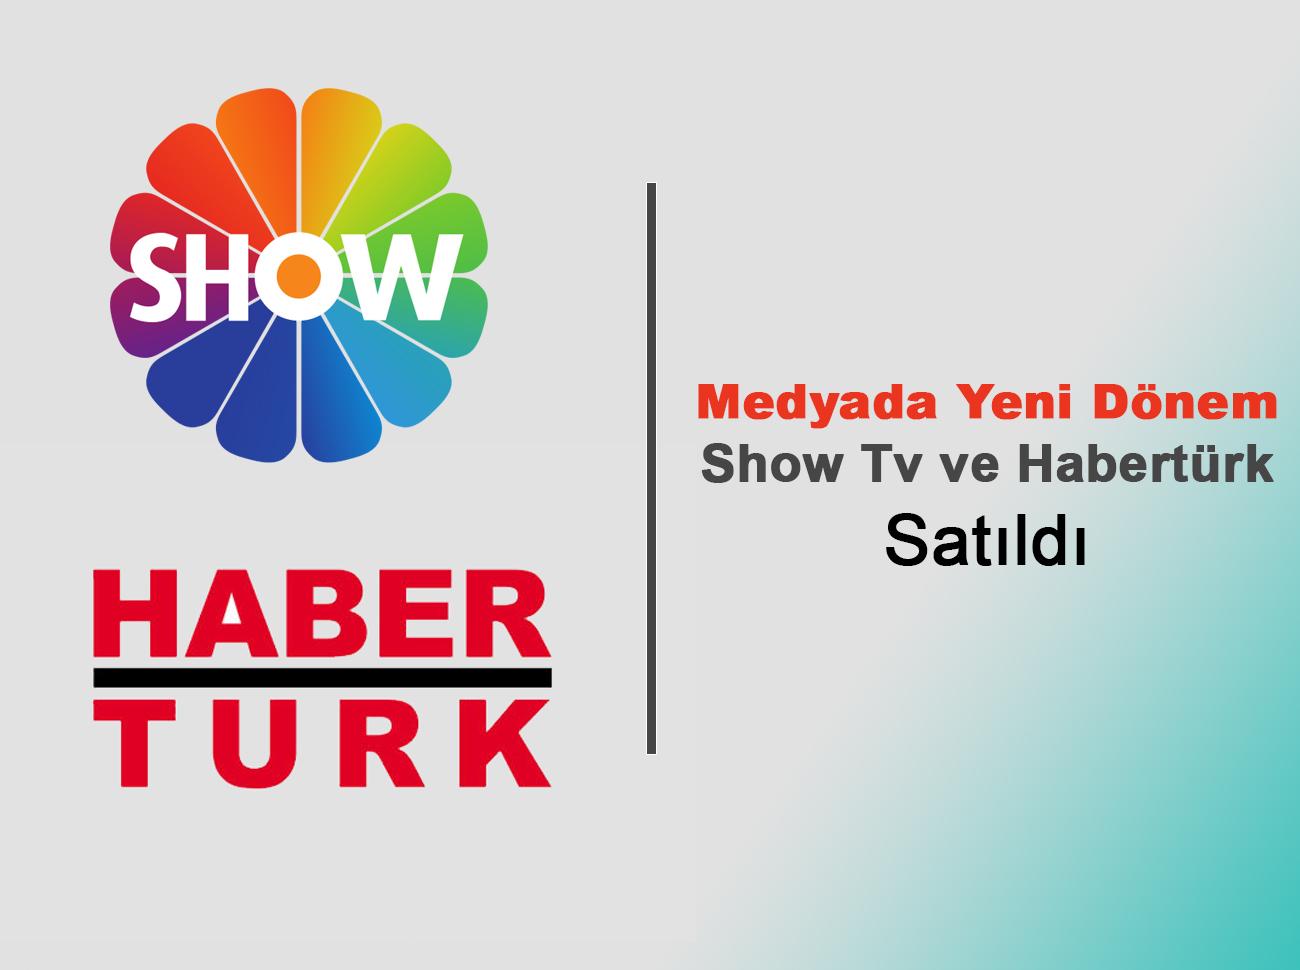 Show TV ve Habertürk Kazaklara Satıldı